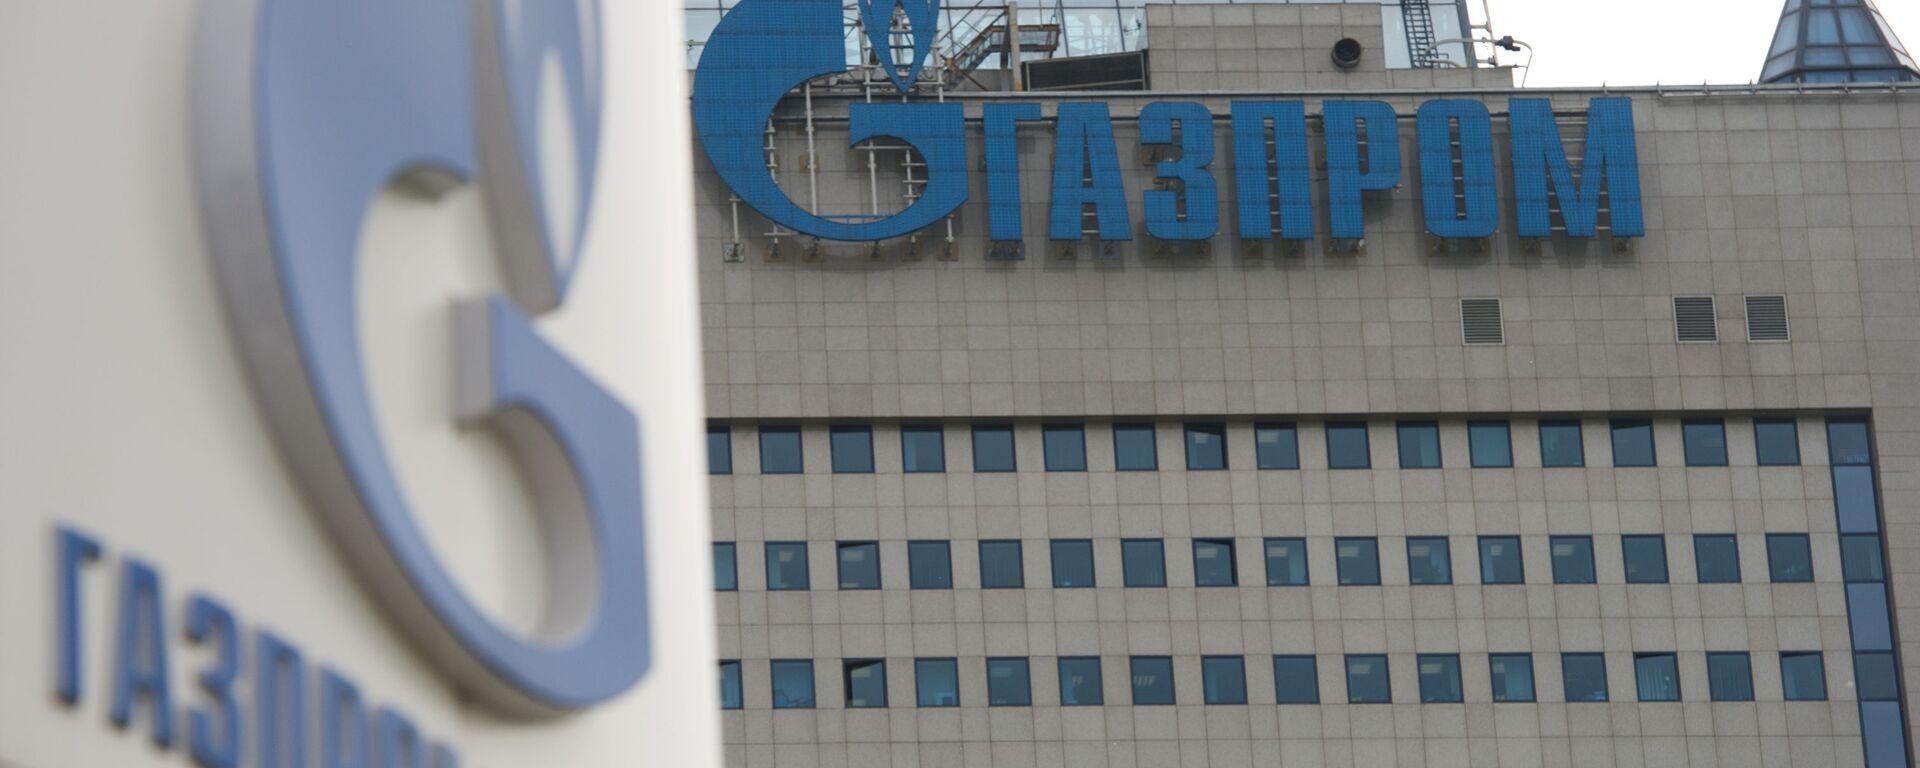 Budova Gazpromu v Moskvě - Sputnik Česká republika, 1920, 28.09.2021